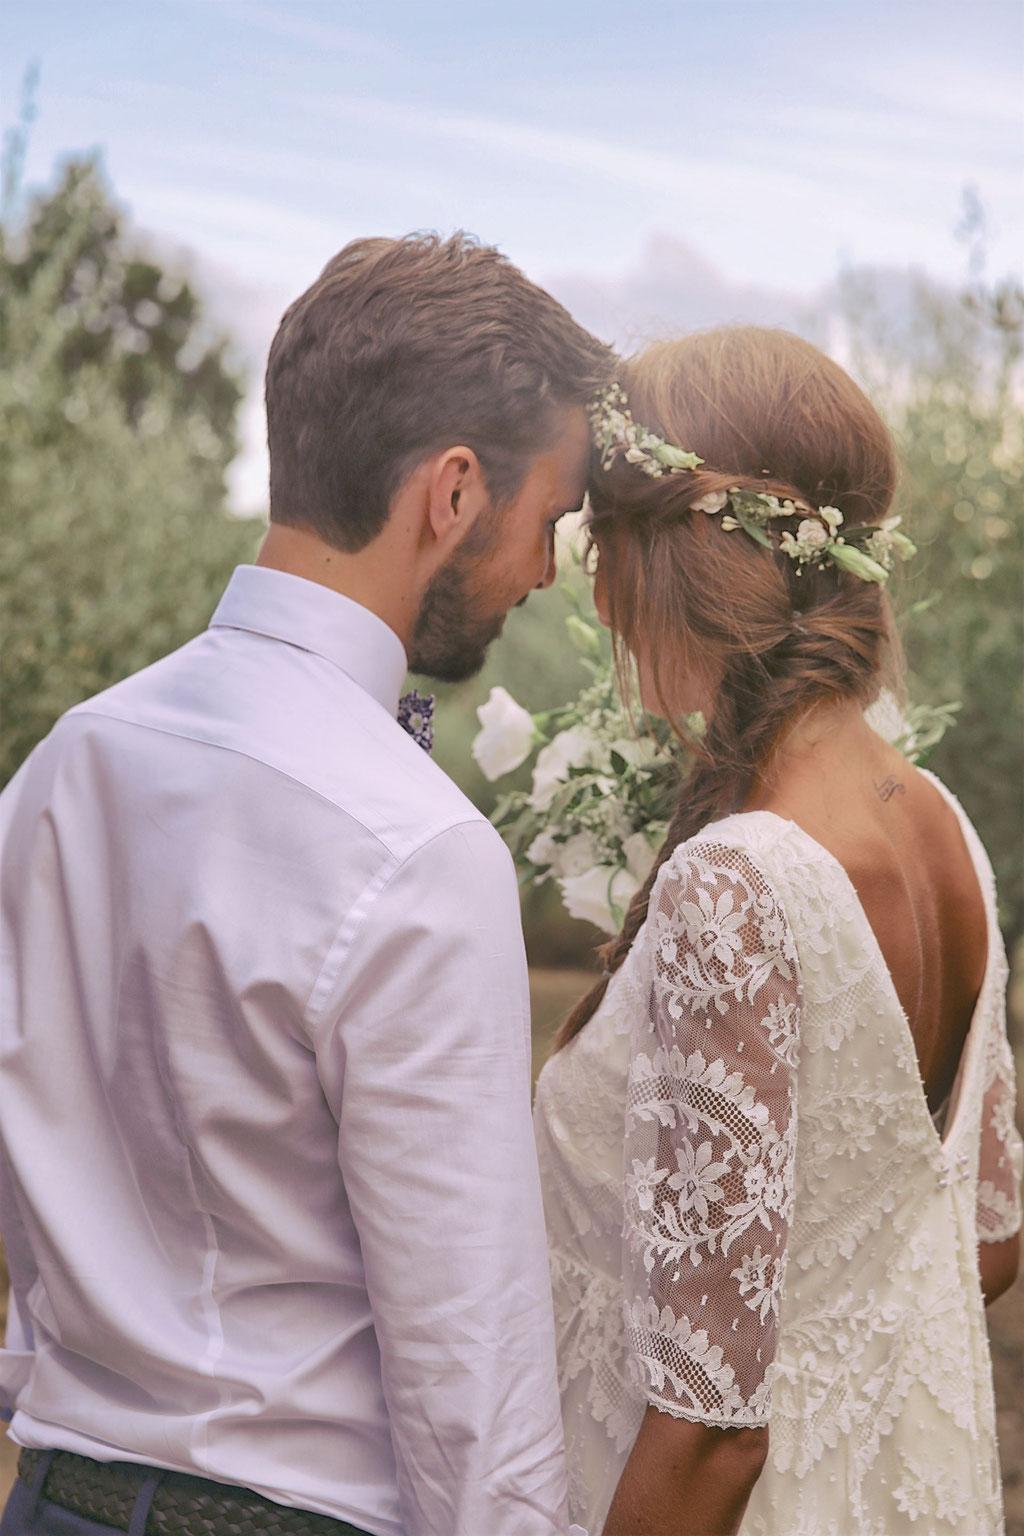 mariage hippie bohème chic sud france